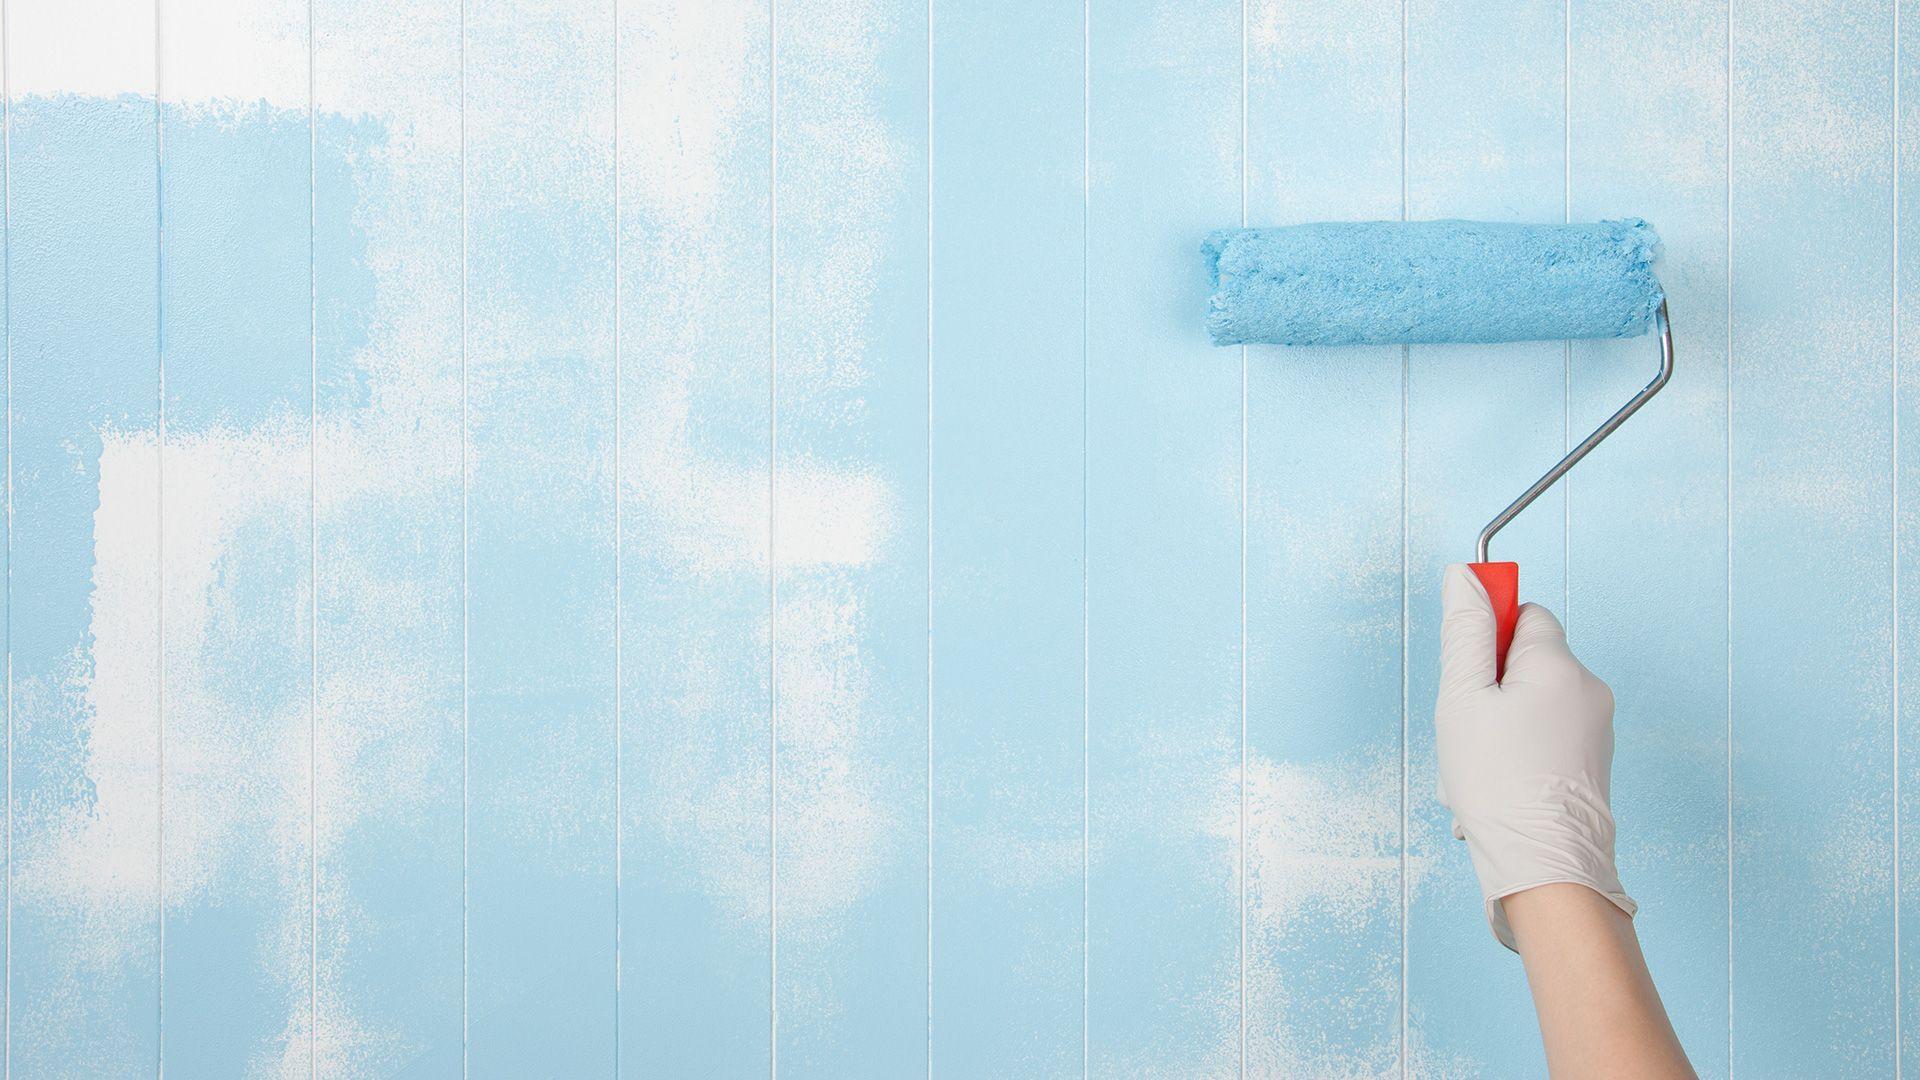 Slaapkamer Muur Kleuren : Lekker slapen verf je slaapkamer blauw